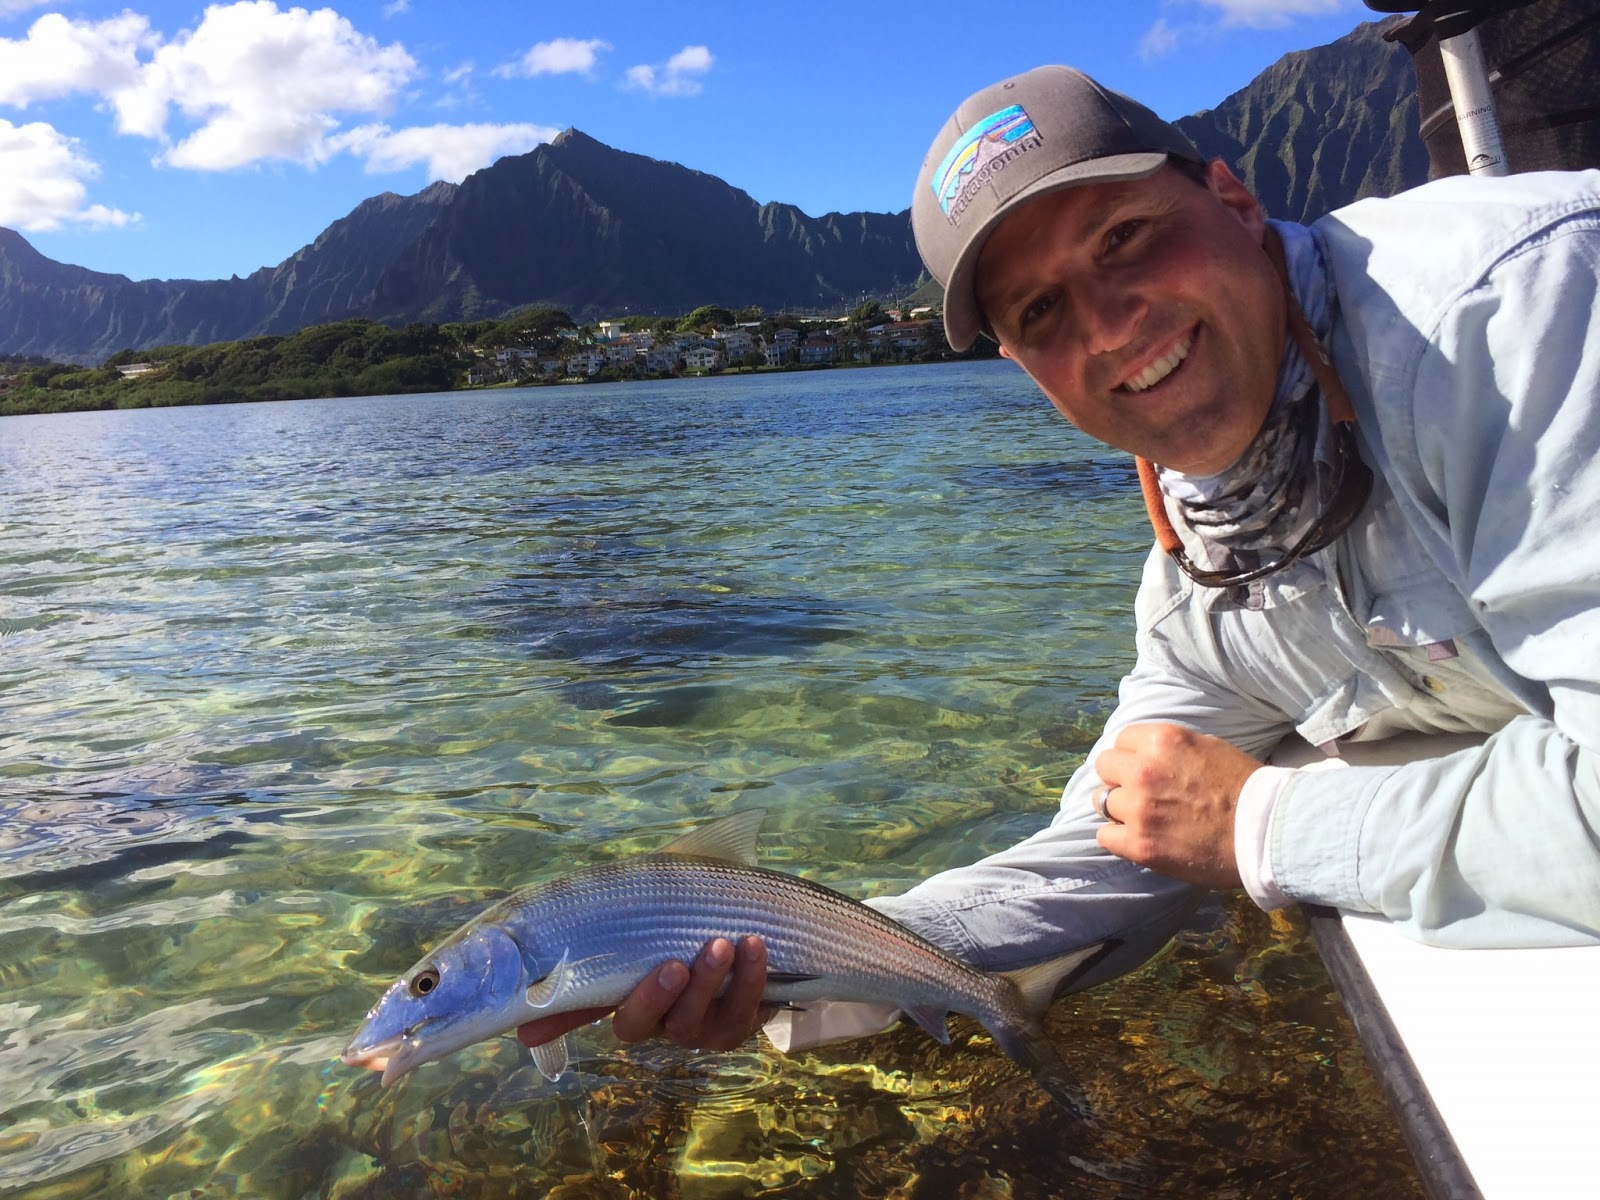 Fly fishing specialties bonefish hawaii style for Fly fishing specialties